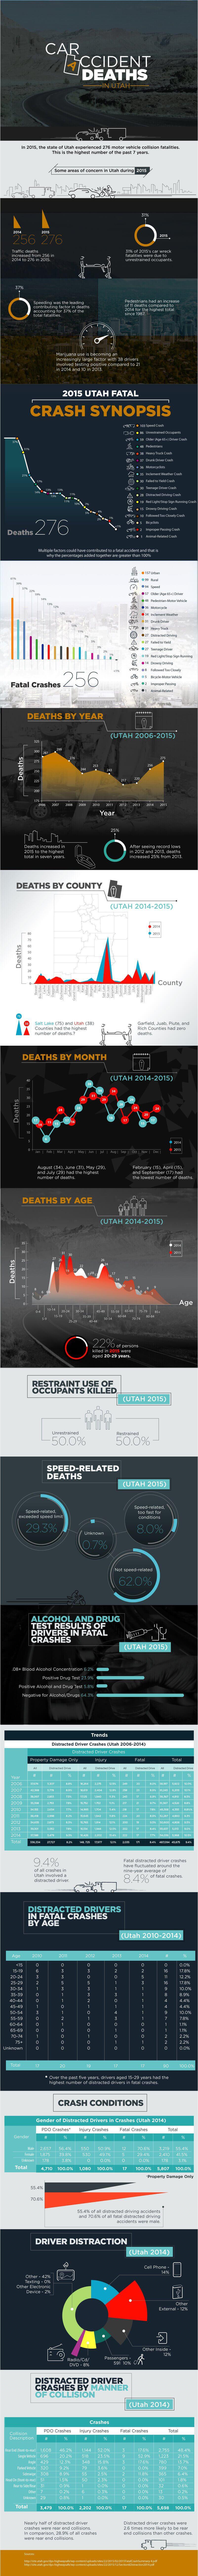 utah-car-accident-infographic